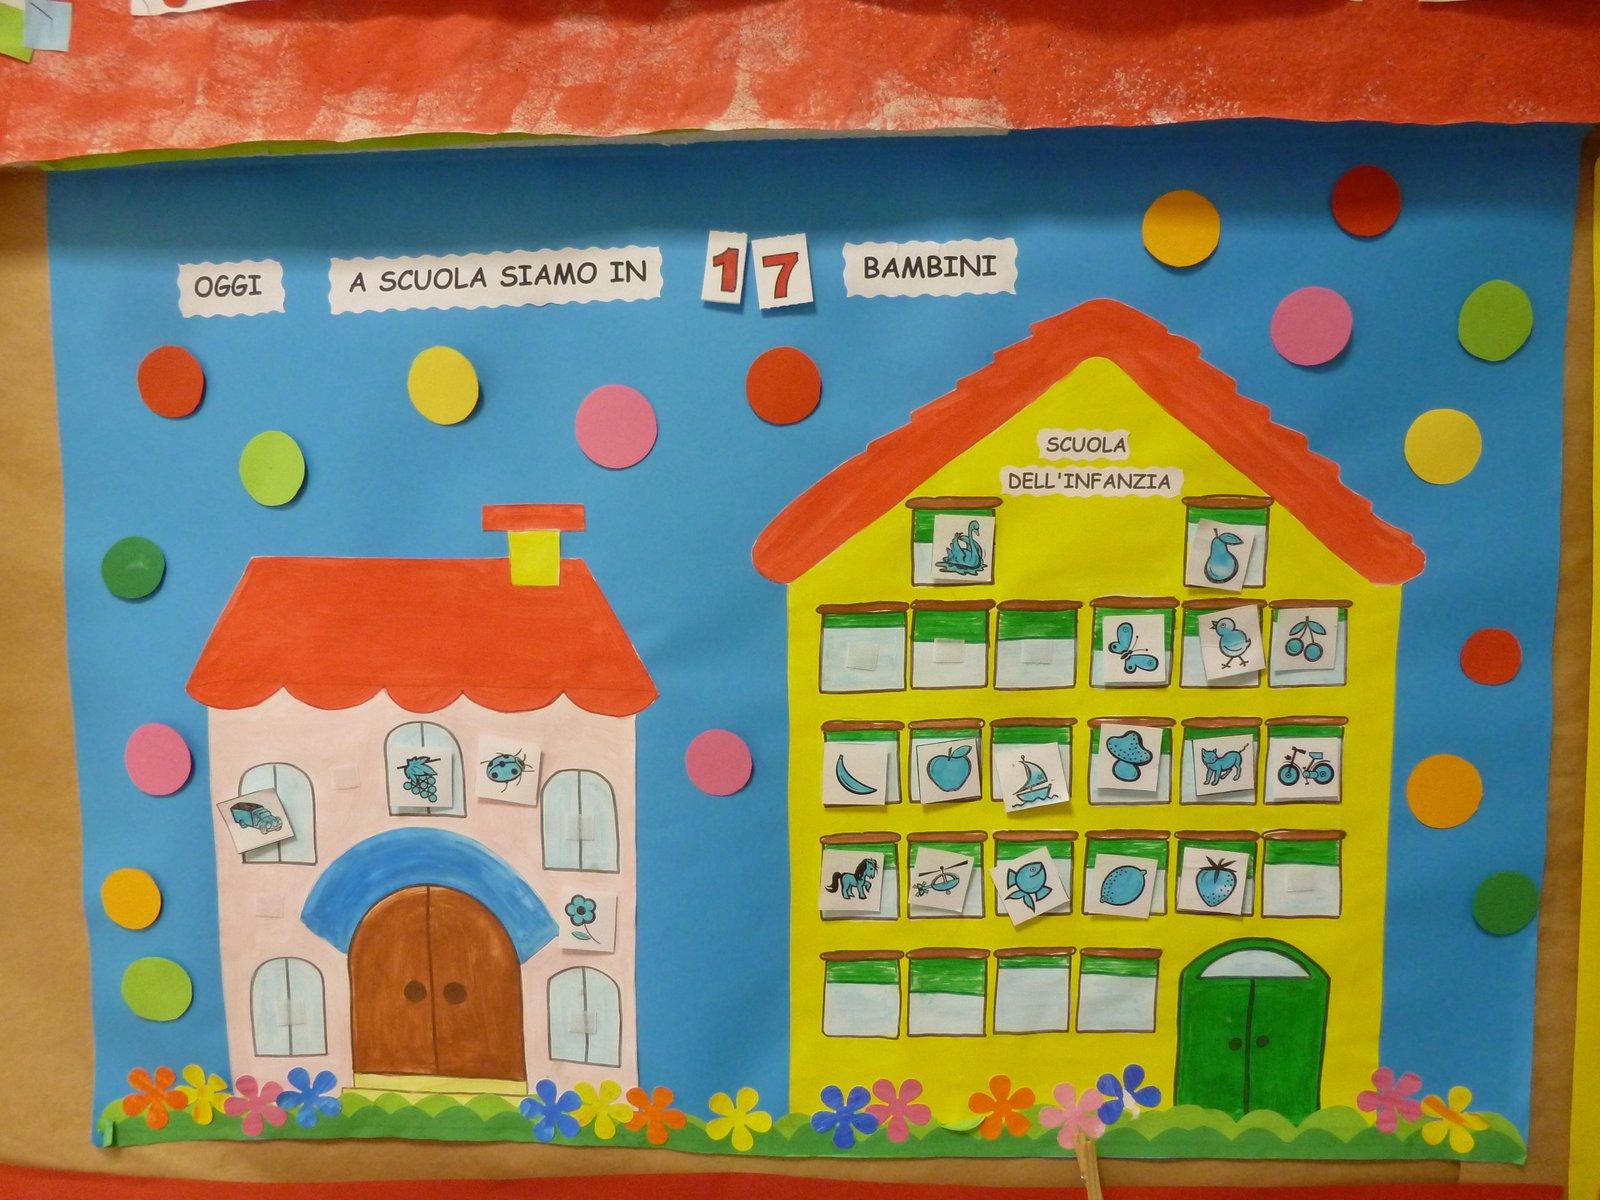 Calendario Bambini Scuola Infanzia.Maestra Caterina L Angolo Della Routine